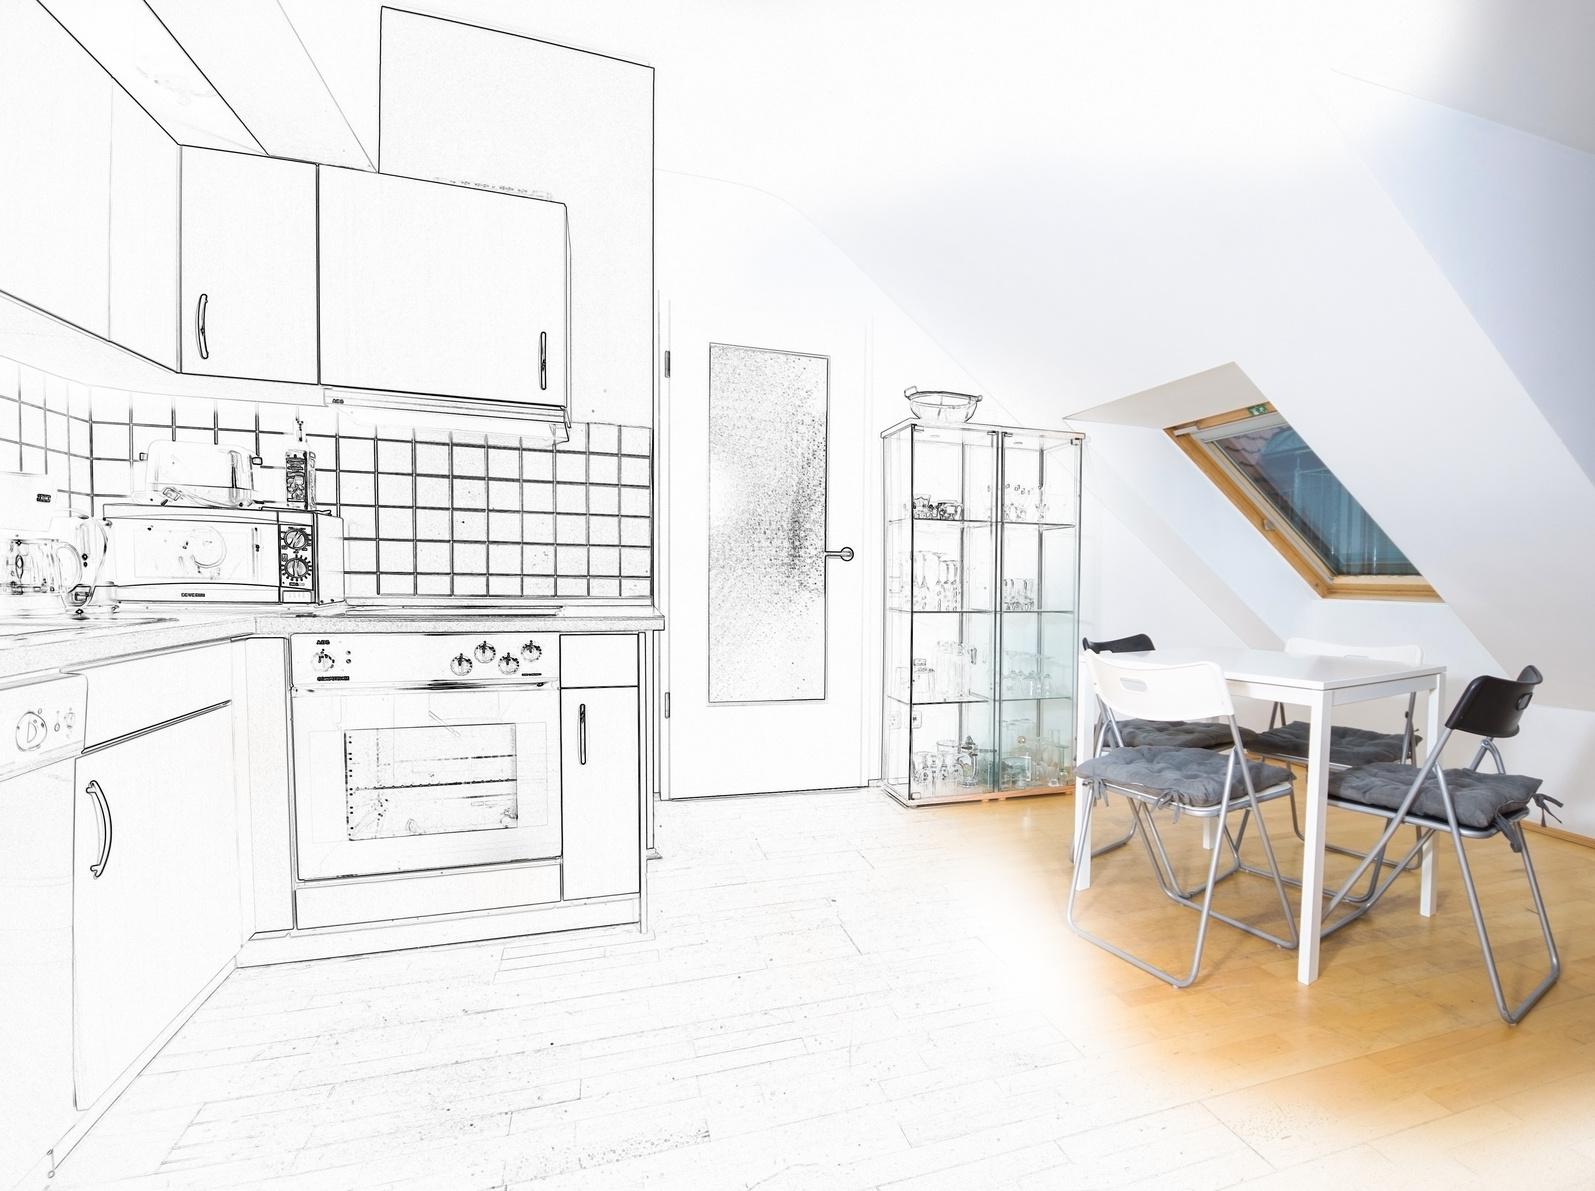 Küche im Dachgeschoss, Mansardeneinbau - KüchenGalerie Follner ...